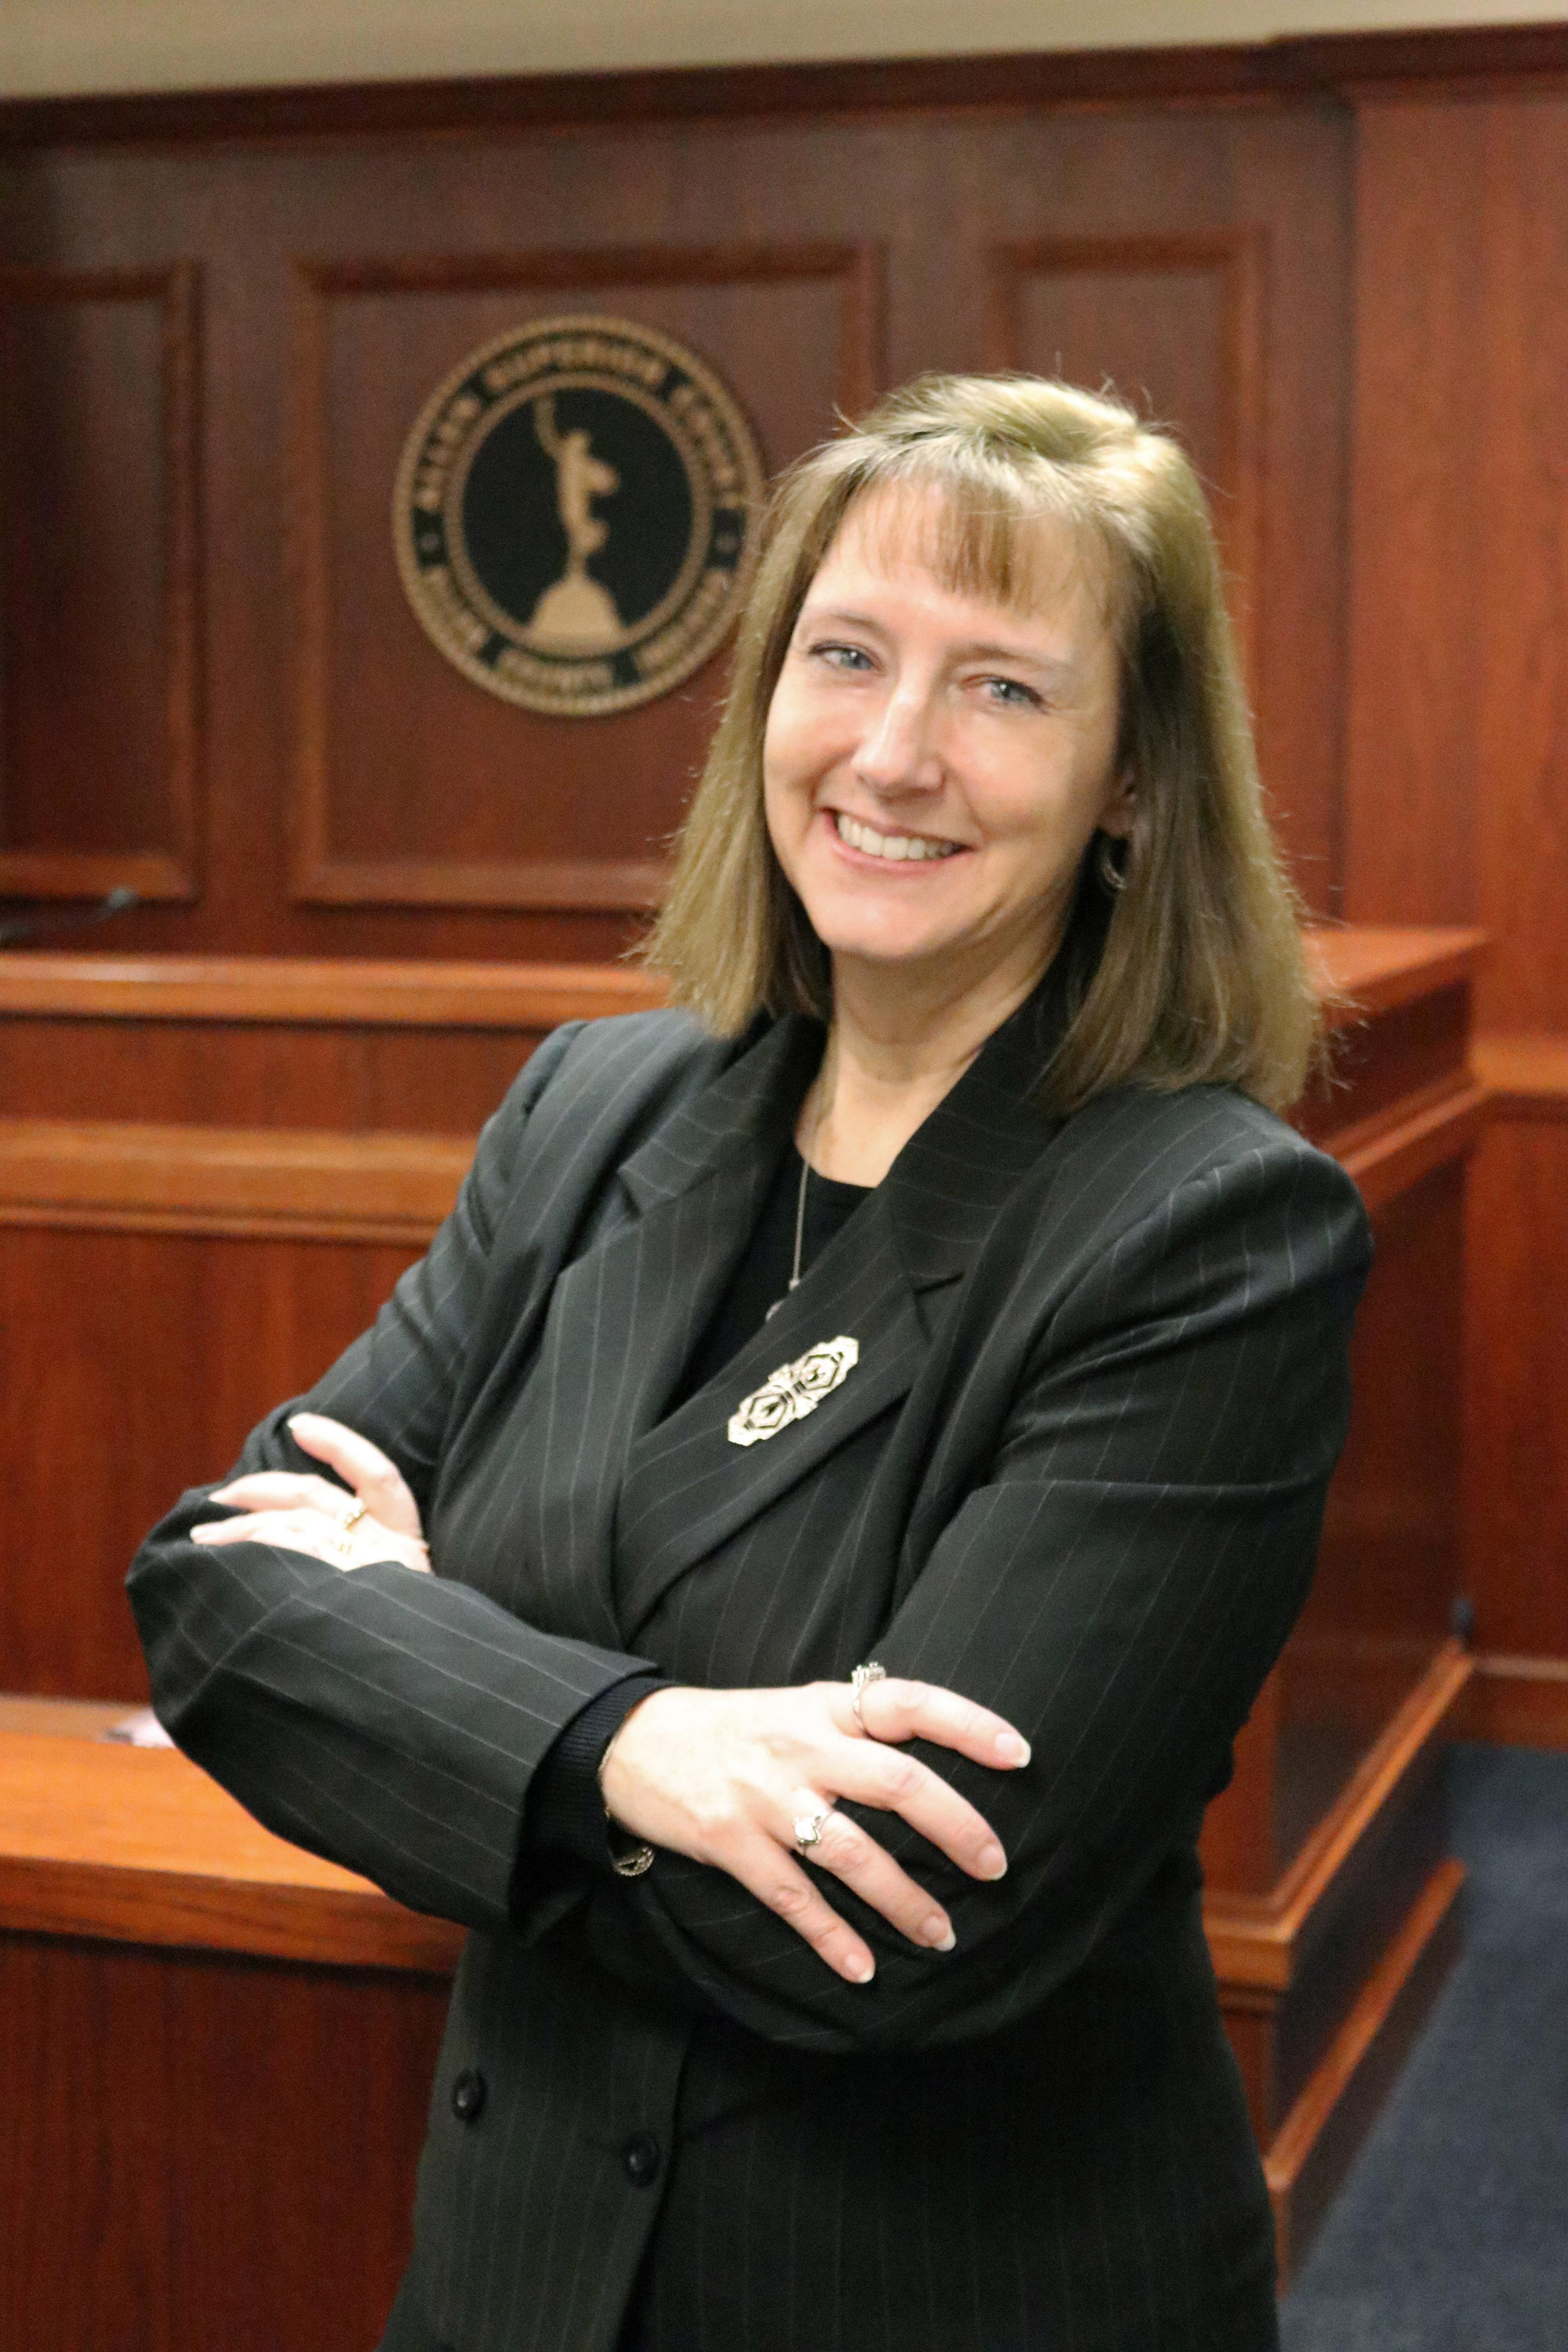 Magistrate Carolyn Foley